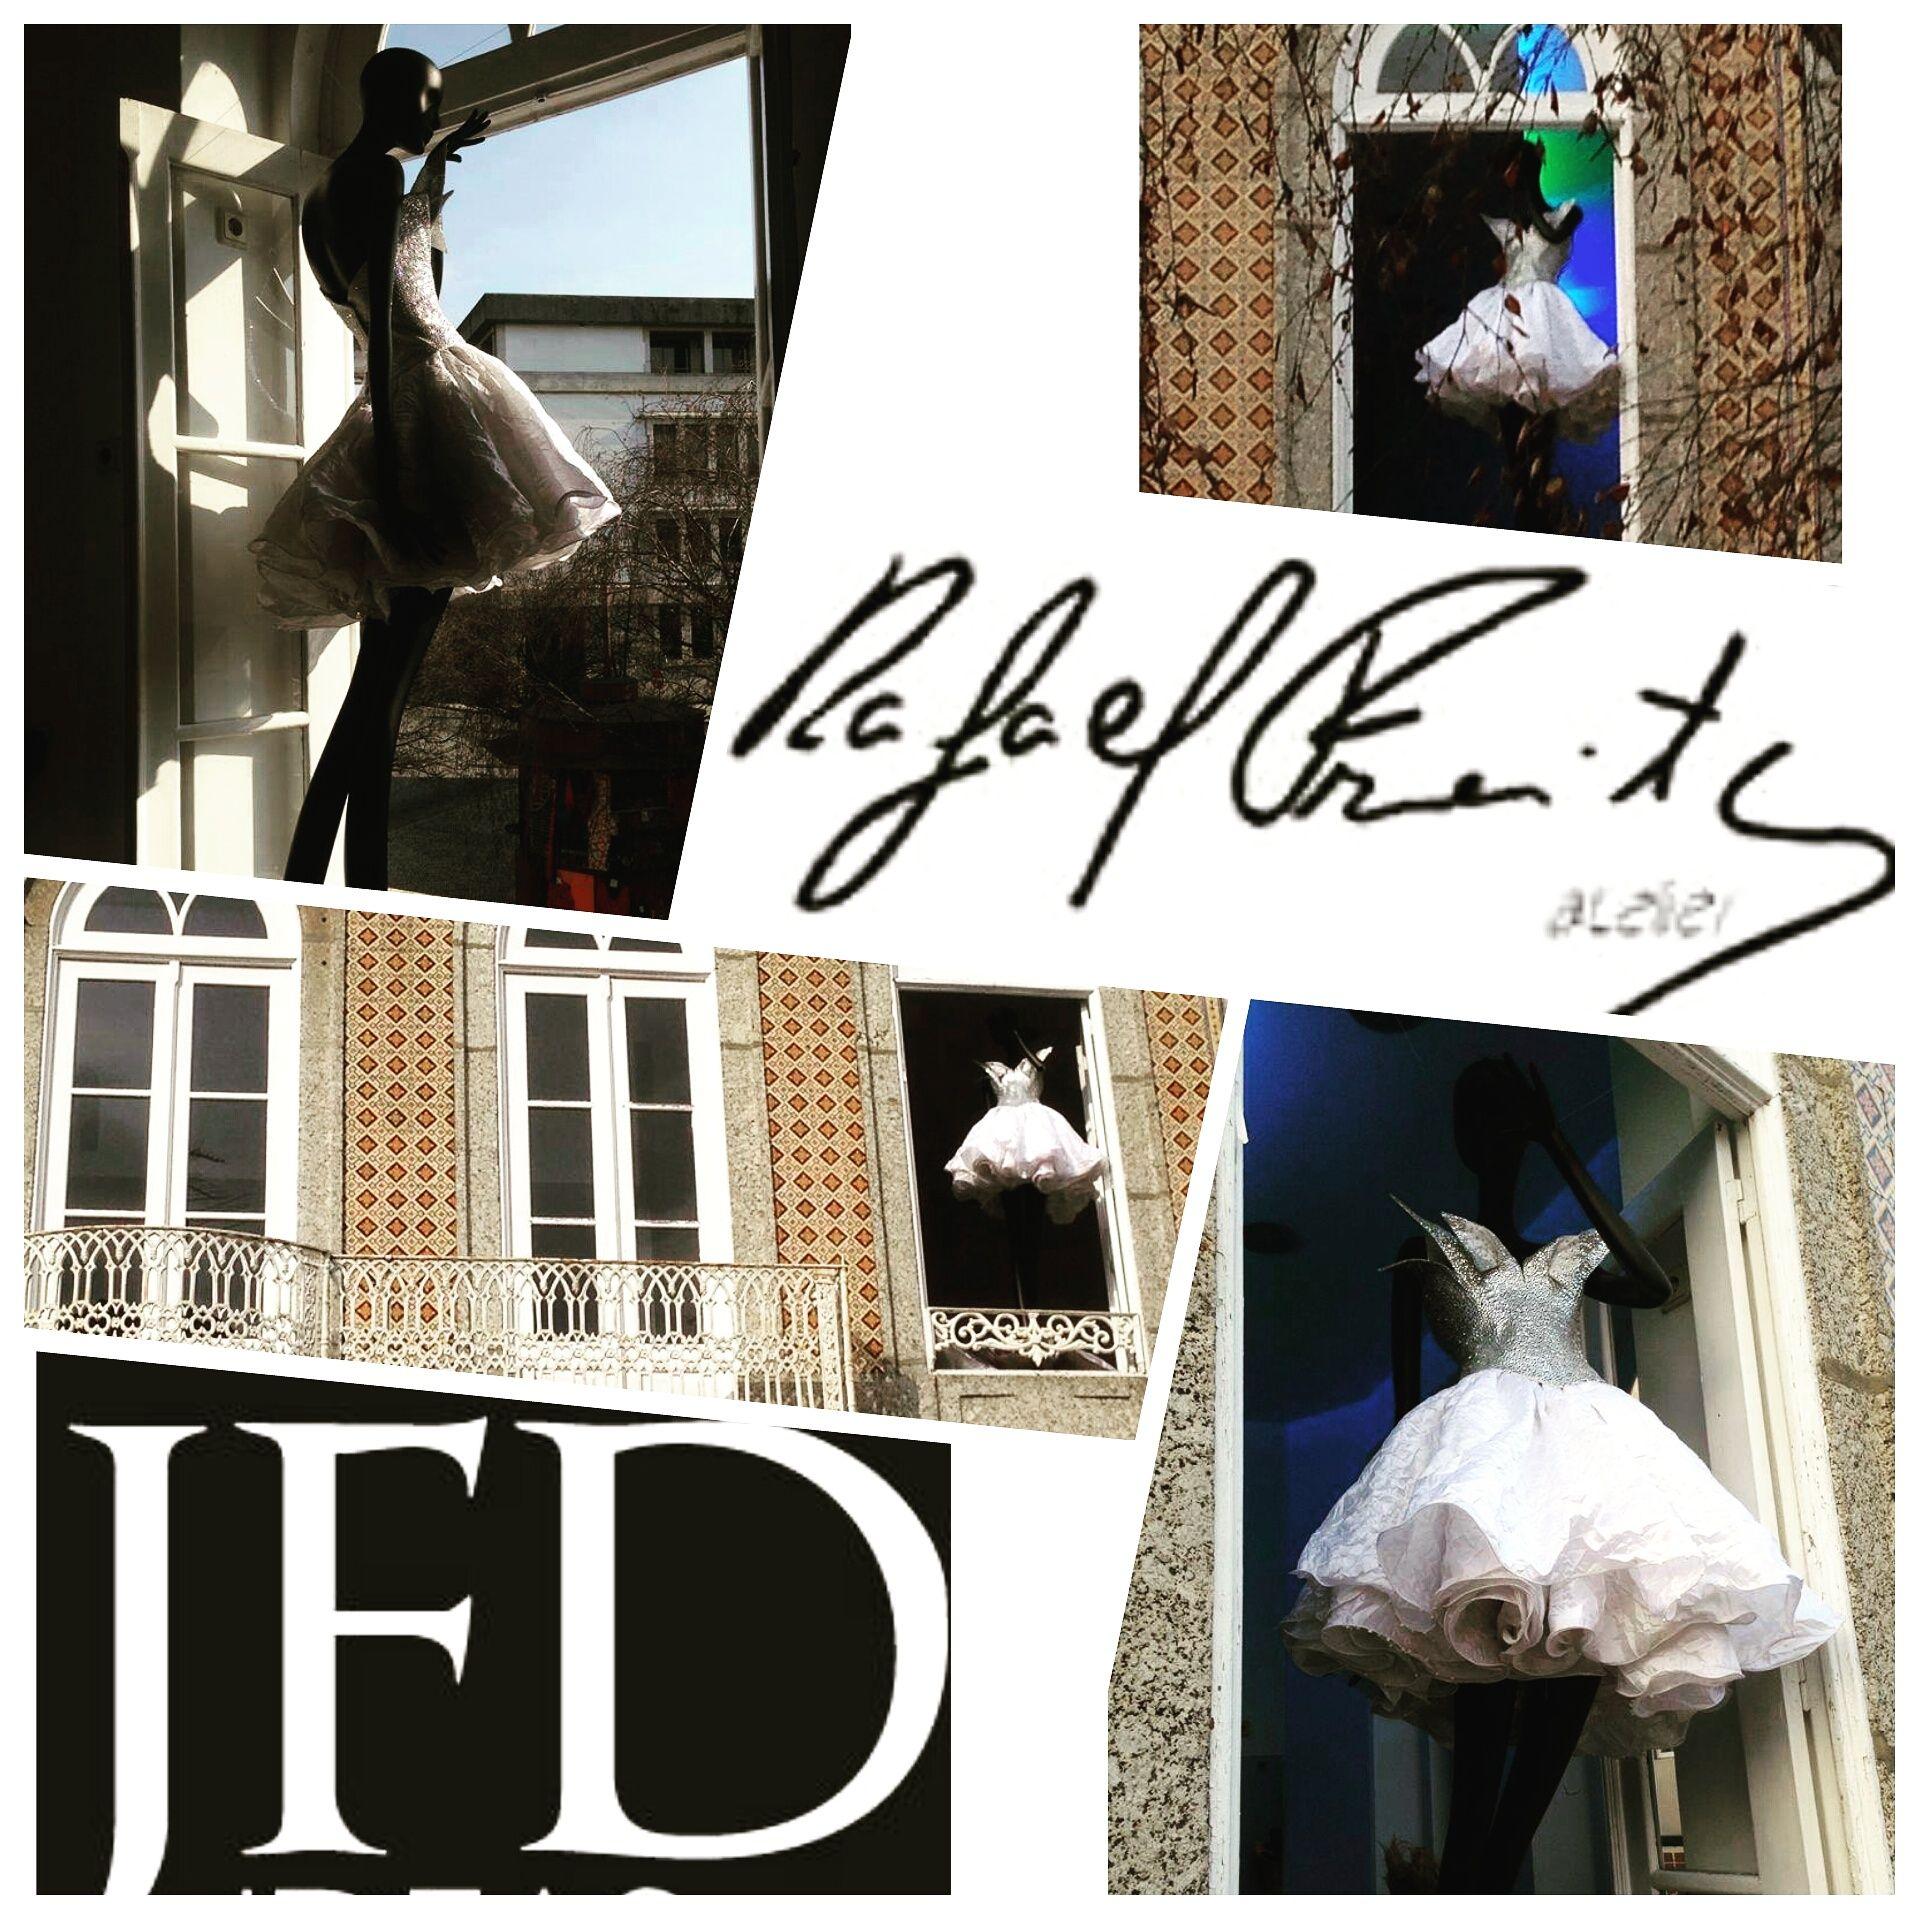 A JFD Ideas and Details sugere uma visita ao Atelier do estilista Rafael Freitas em Guimarães   Aproveite para conhecer o designer e um pouco mais sobre o seu trabalho ;-)